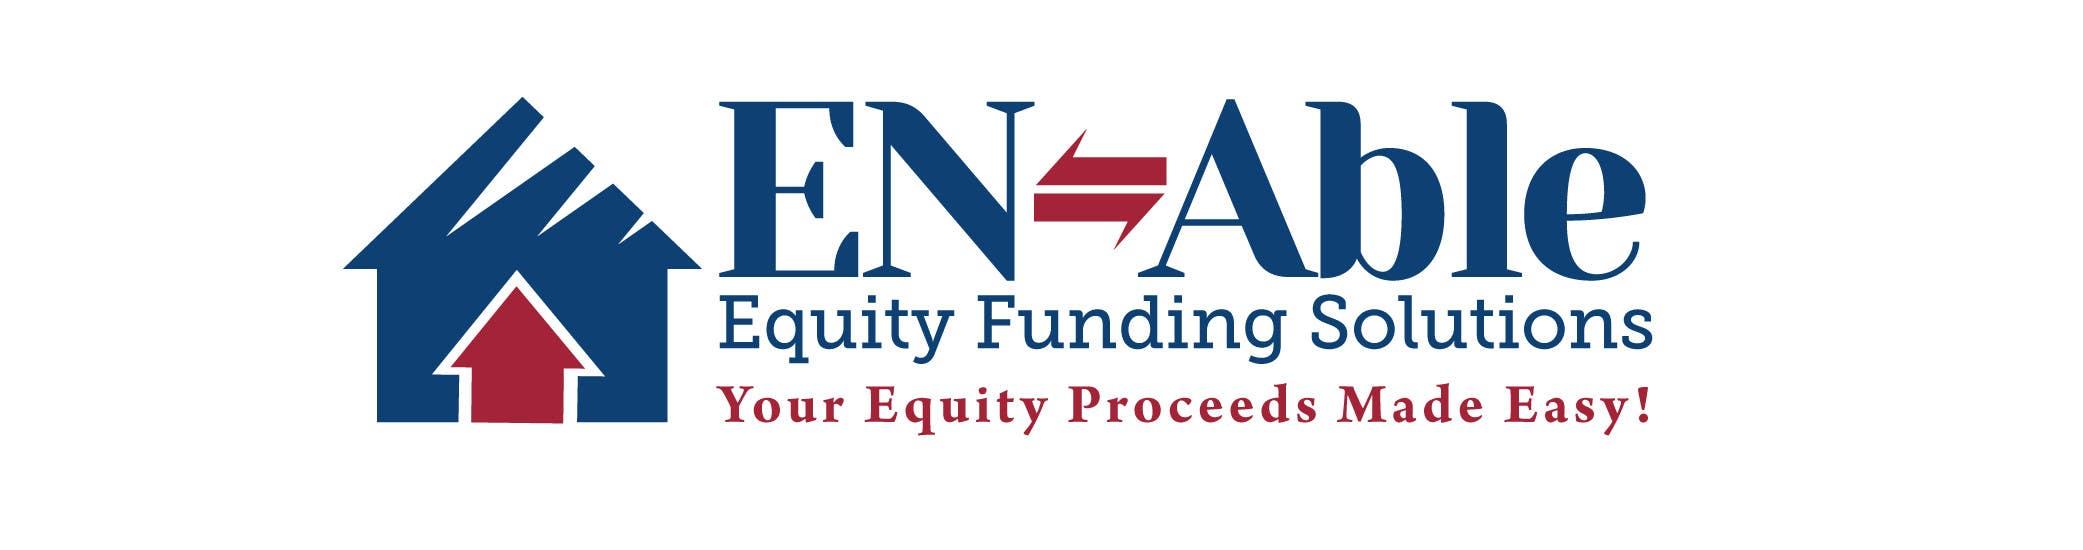 Bài tham dự cuộc thi #                                        20                                      cho                                         Design a Logo for EN-Able Equity Funding Solutions (Pty) Ltd